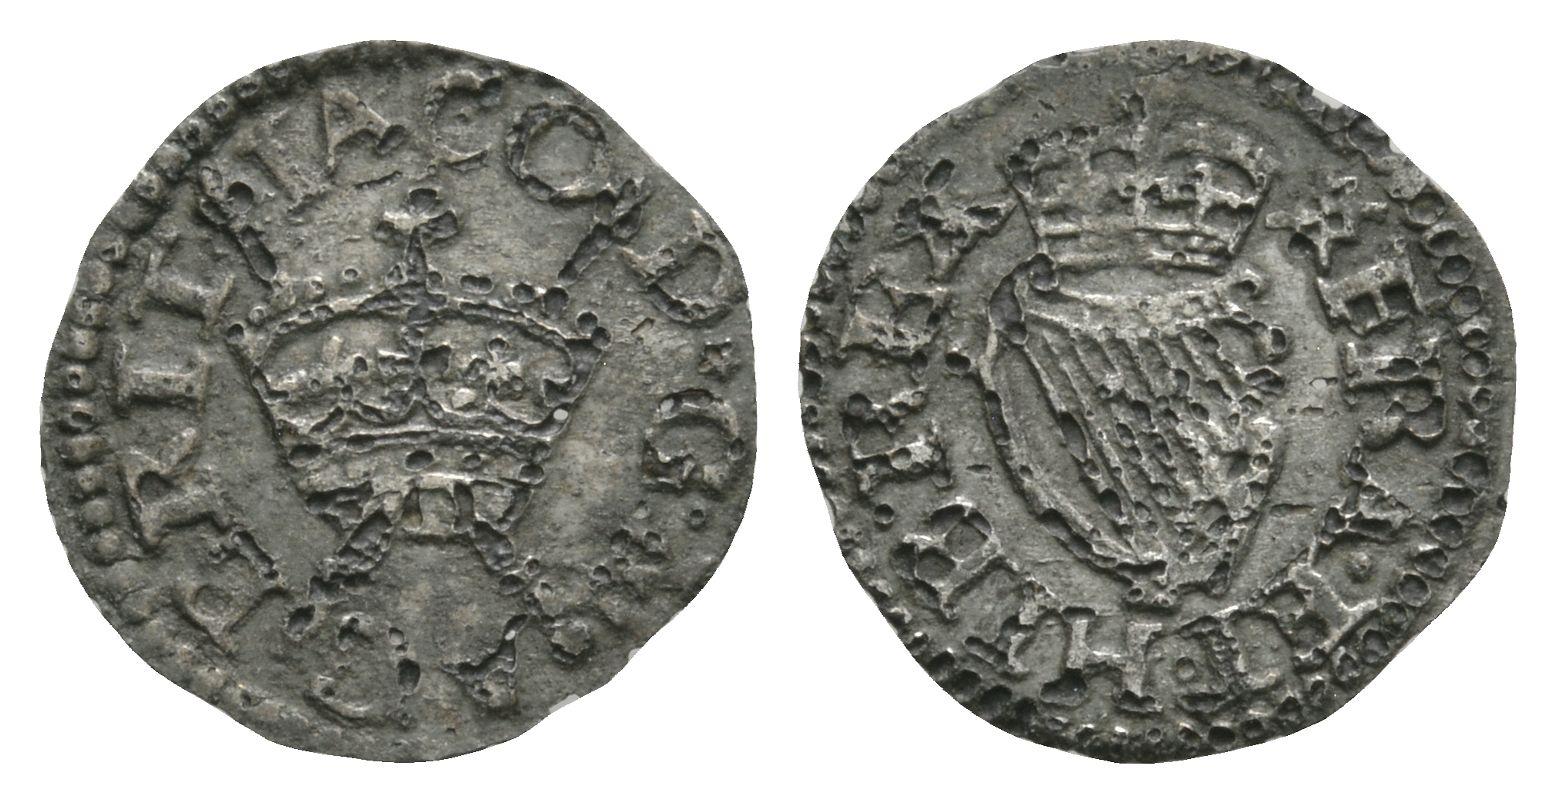 English Stuart Coins - James I - London - Harrington Tinned Farthing